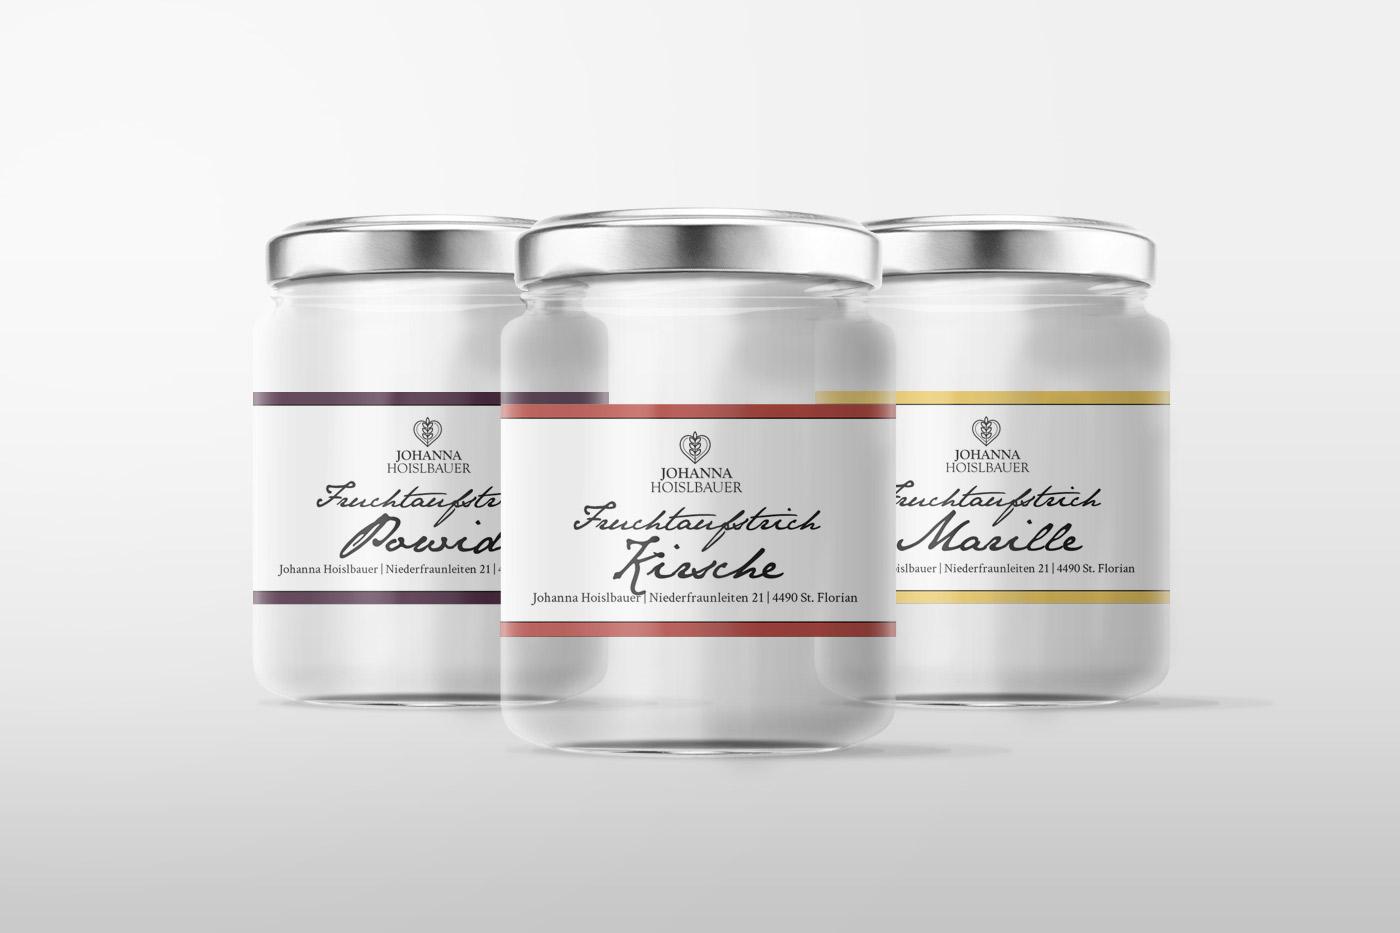 johanna hoislbauer branding